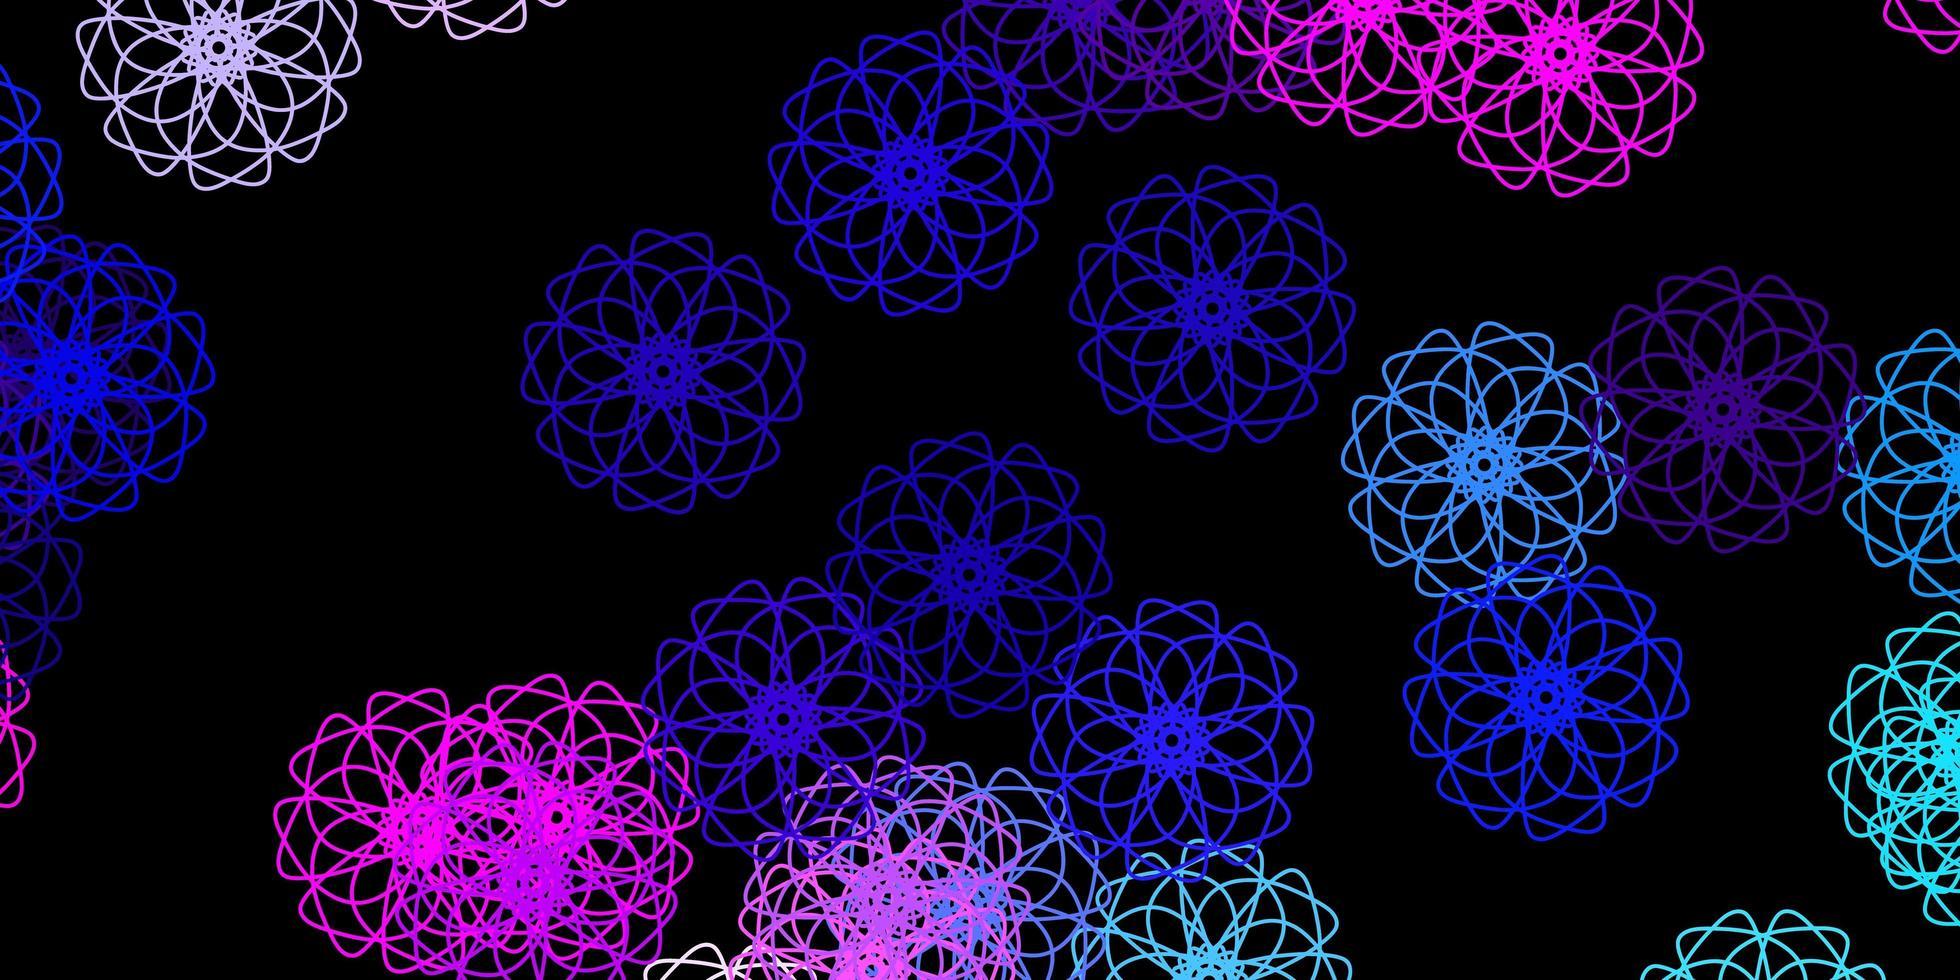 dunkelrosa, blauer Vektorhintergrund mit chaotischen Formen. vektor